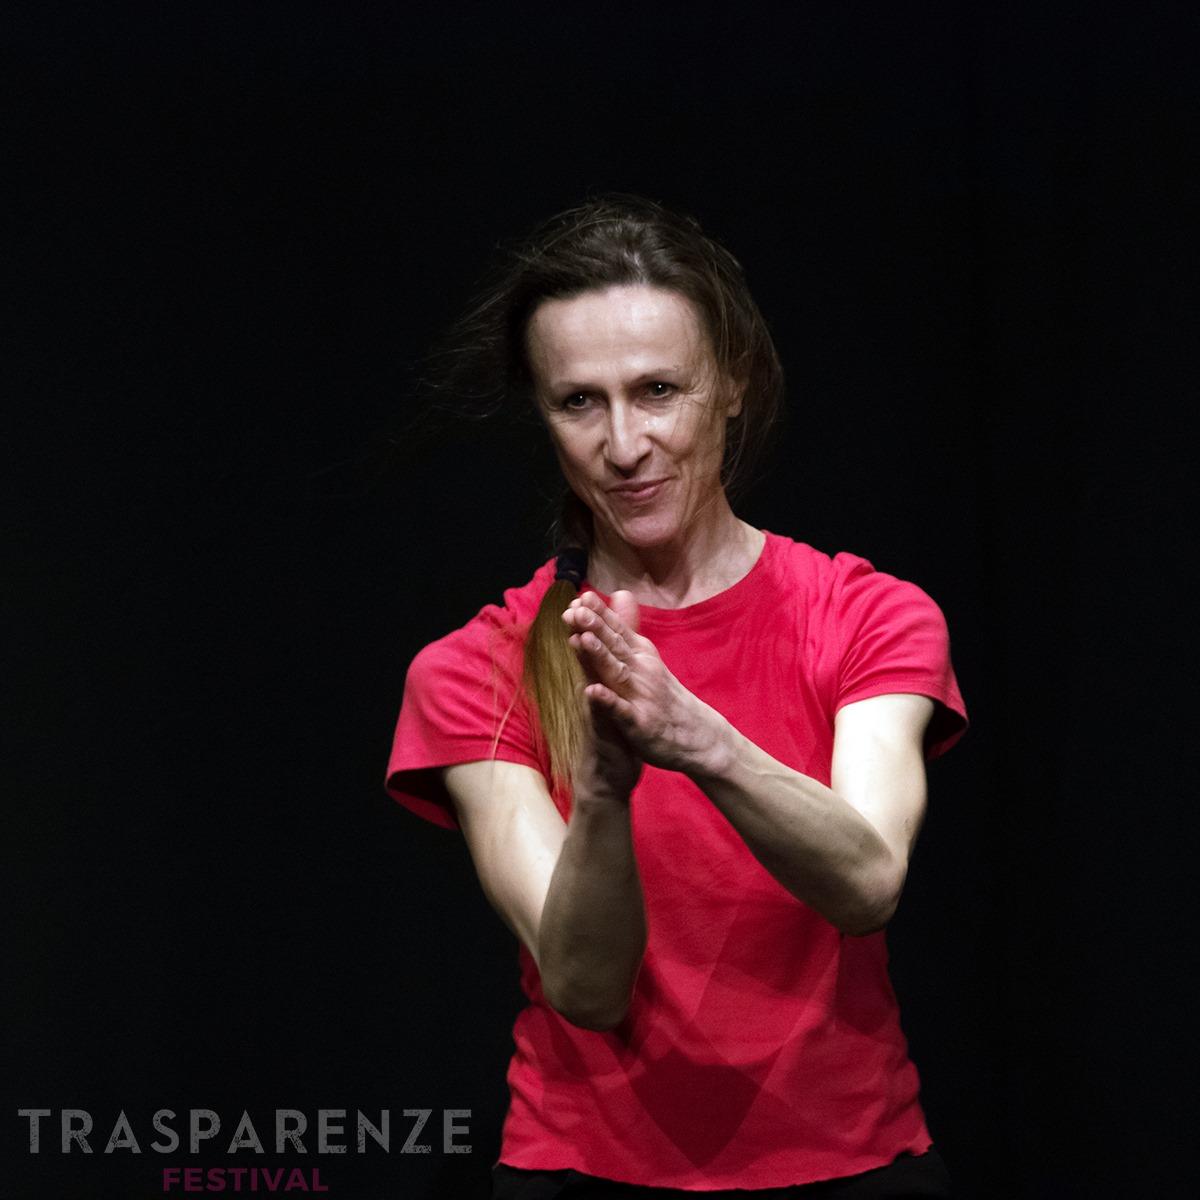 Simona-Bertozzi-foto-Chiara-Ferrin